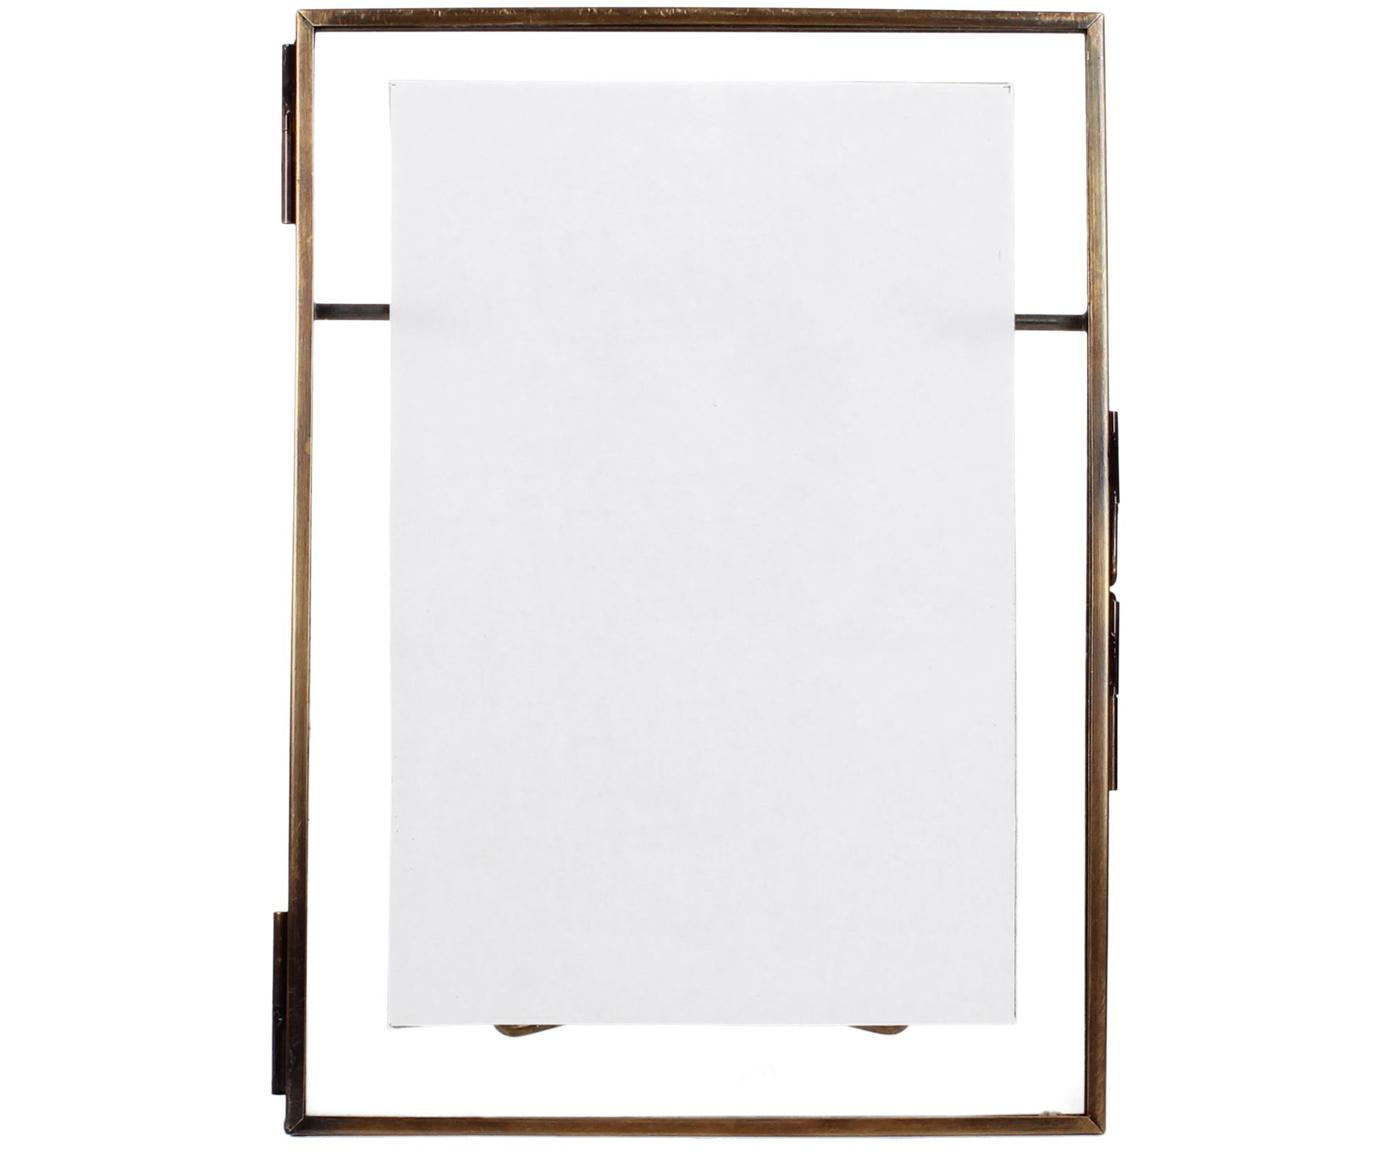 Bilderrahmen Collector, Rahmen: Messing, beschichtet, Front: Glas, Bronzefarben, 10 x 15 cm